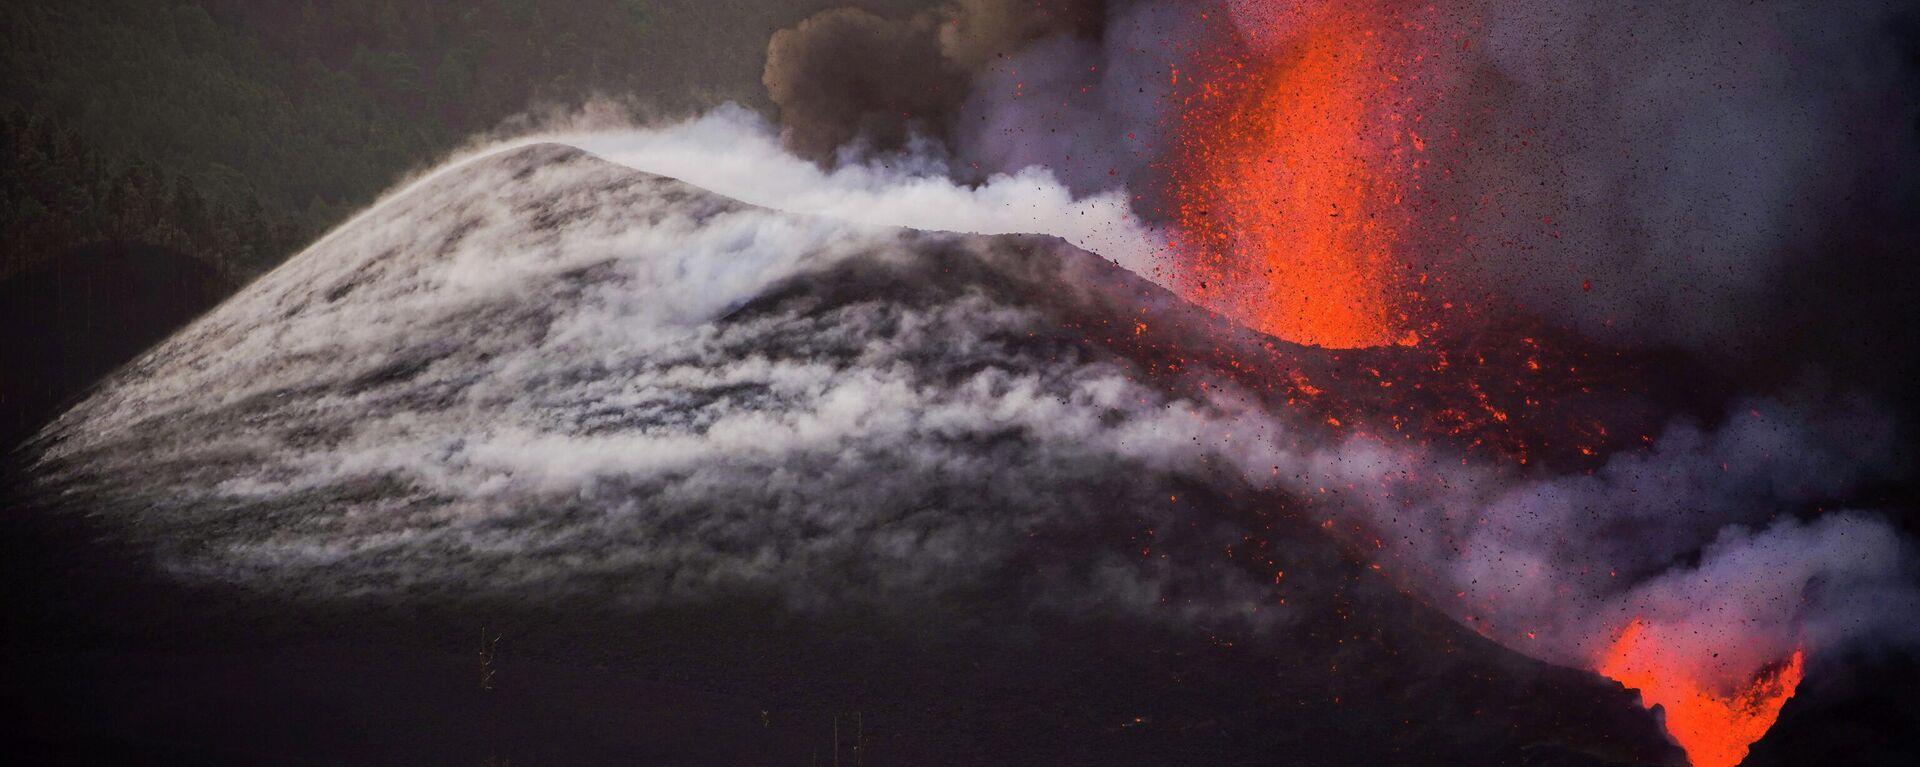 Erupción del volcán en La Palma - Sputnik Mundo, 1920, 08.10.2021